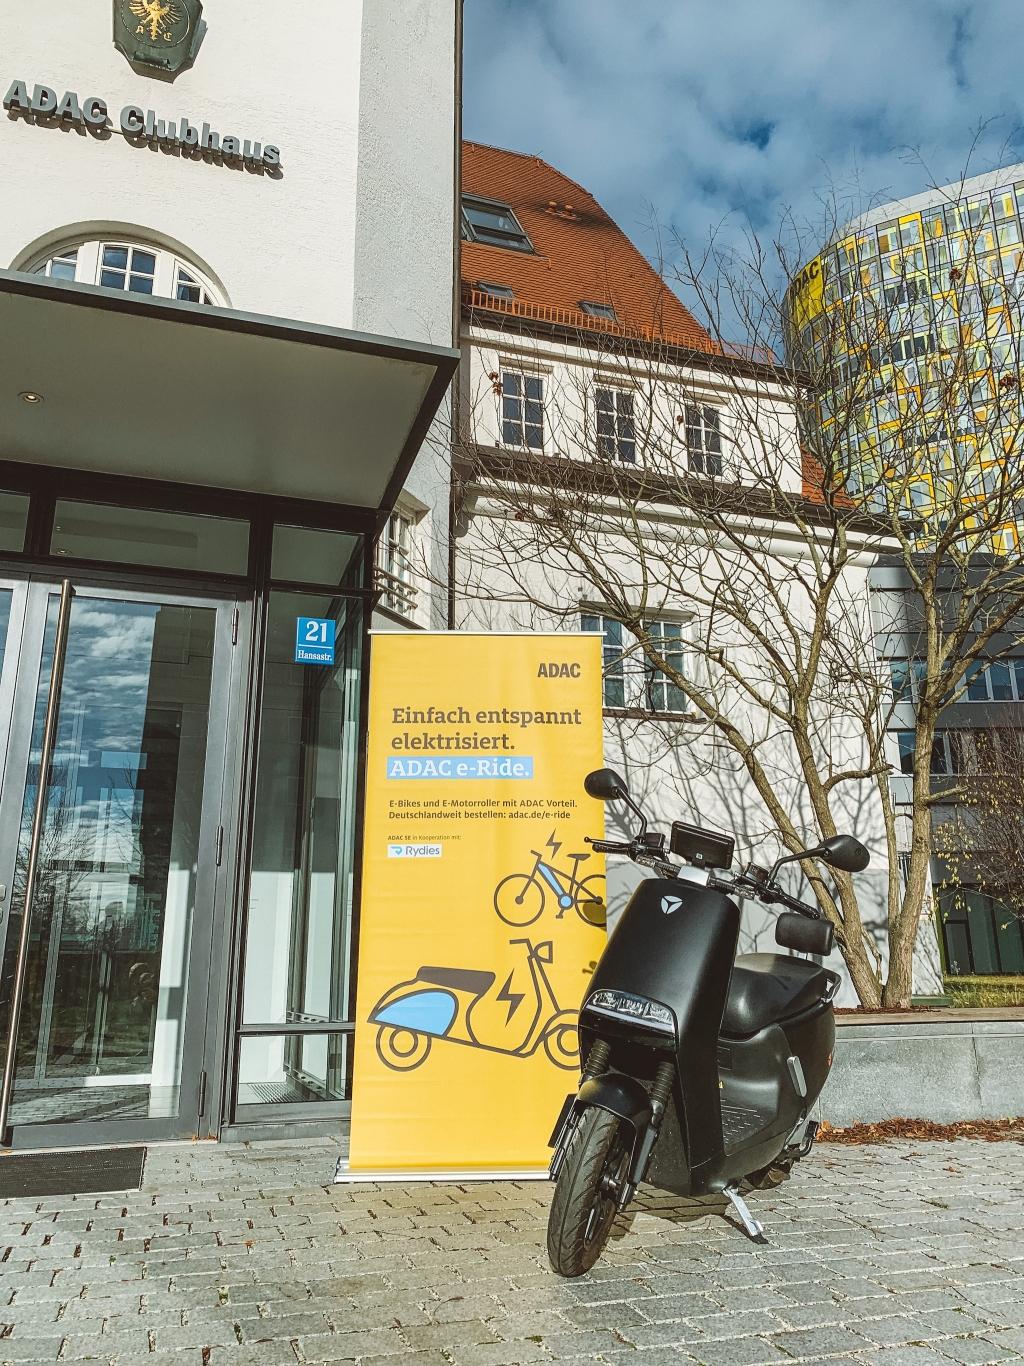 YADEA hợp tác cùng ADAC SE chinh phục thị trường Châu Âu